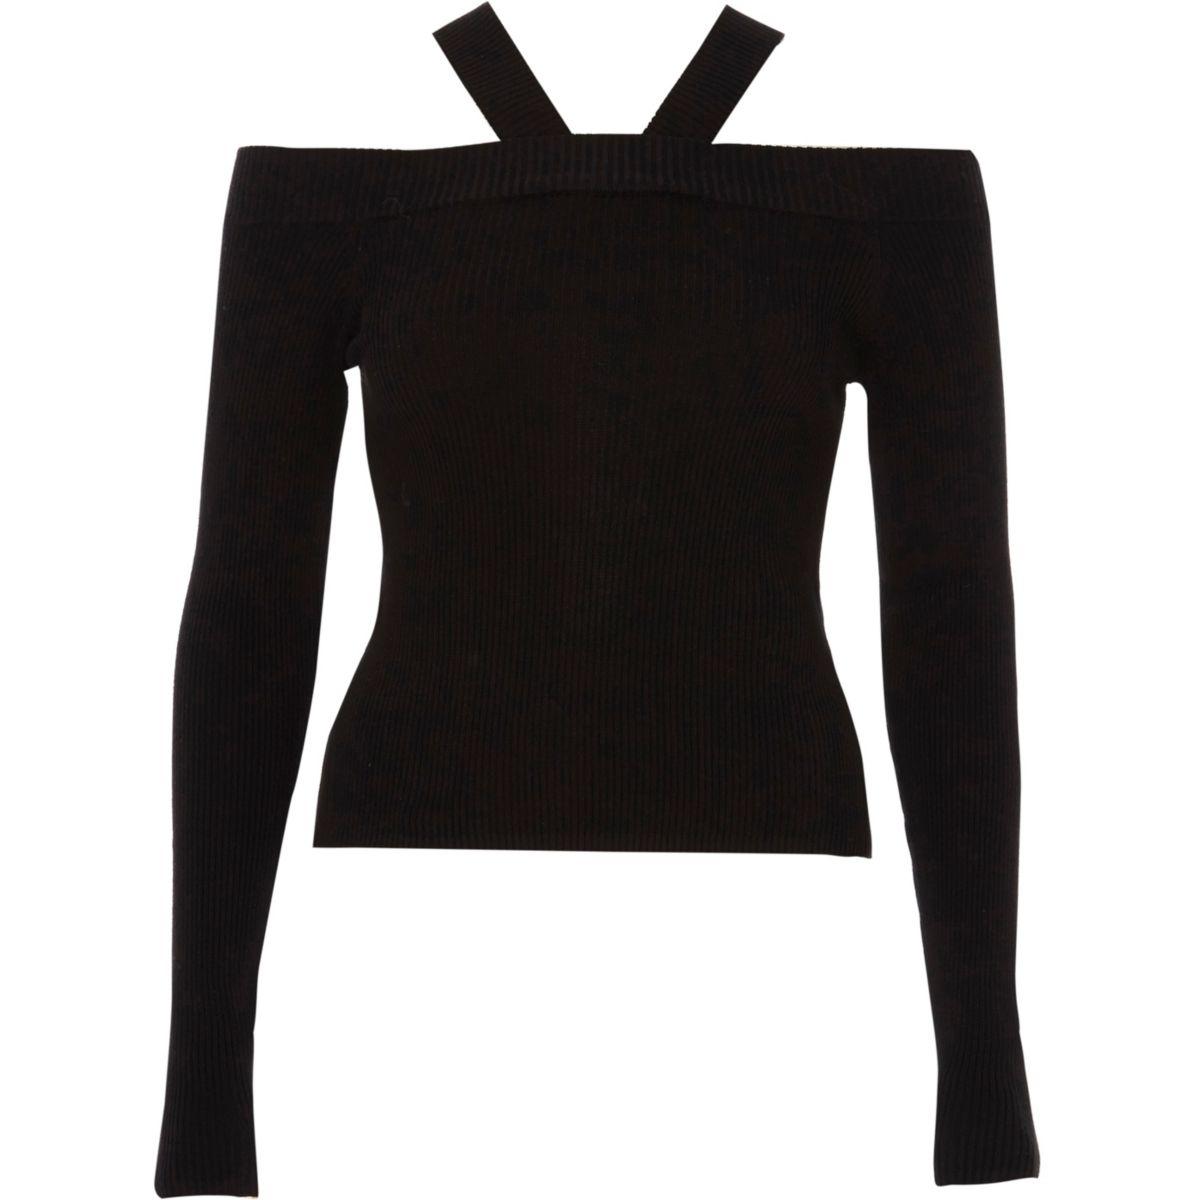 Black tie back rib knit top